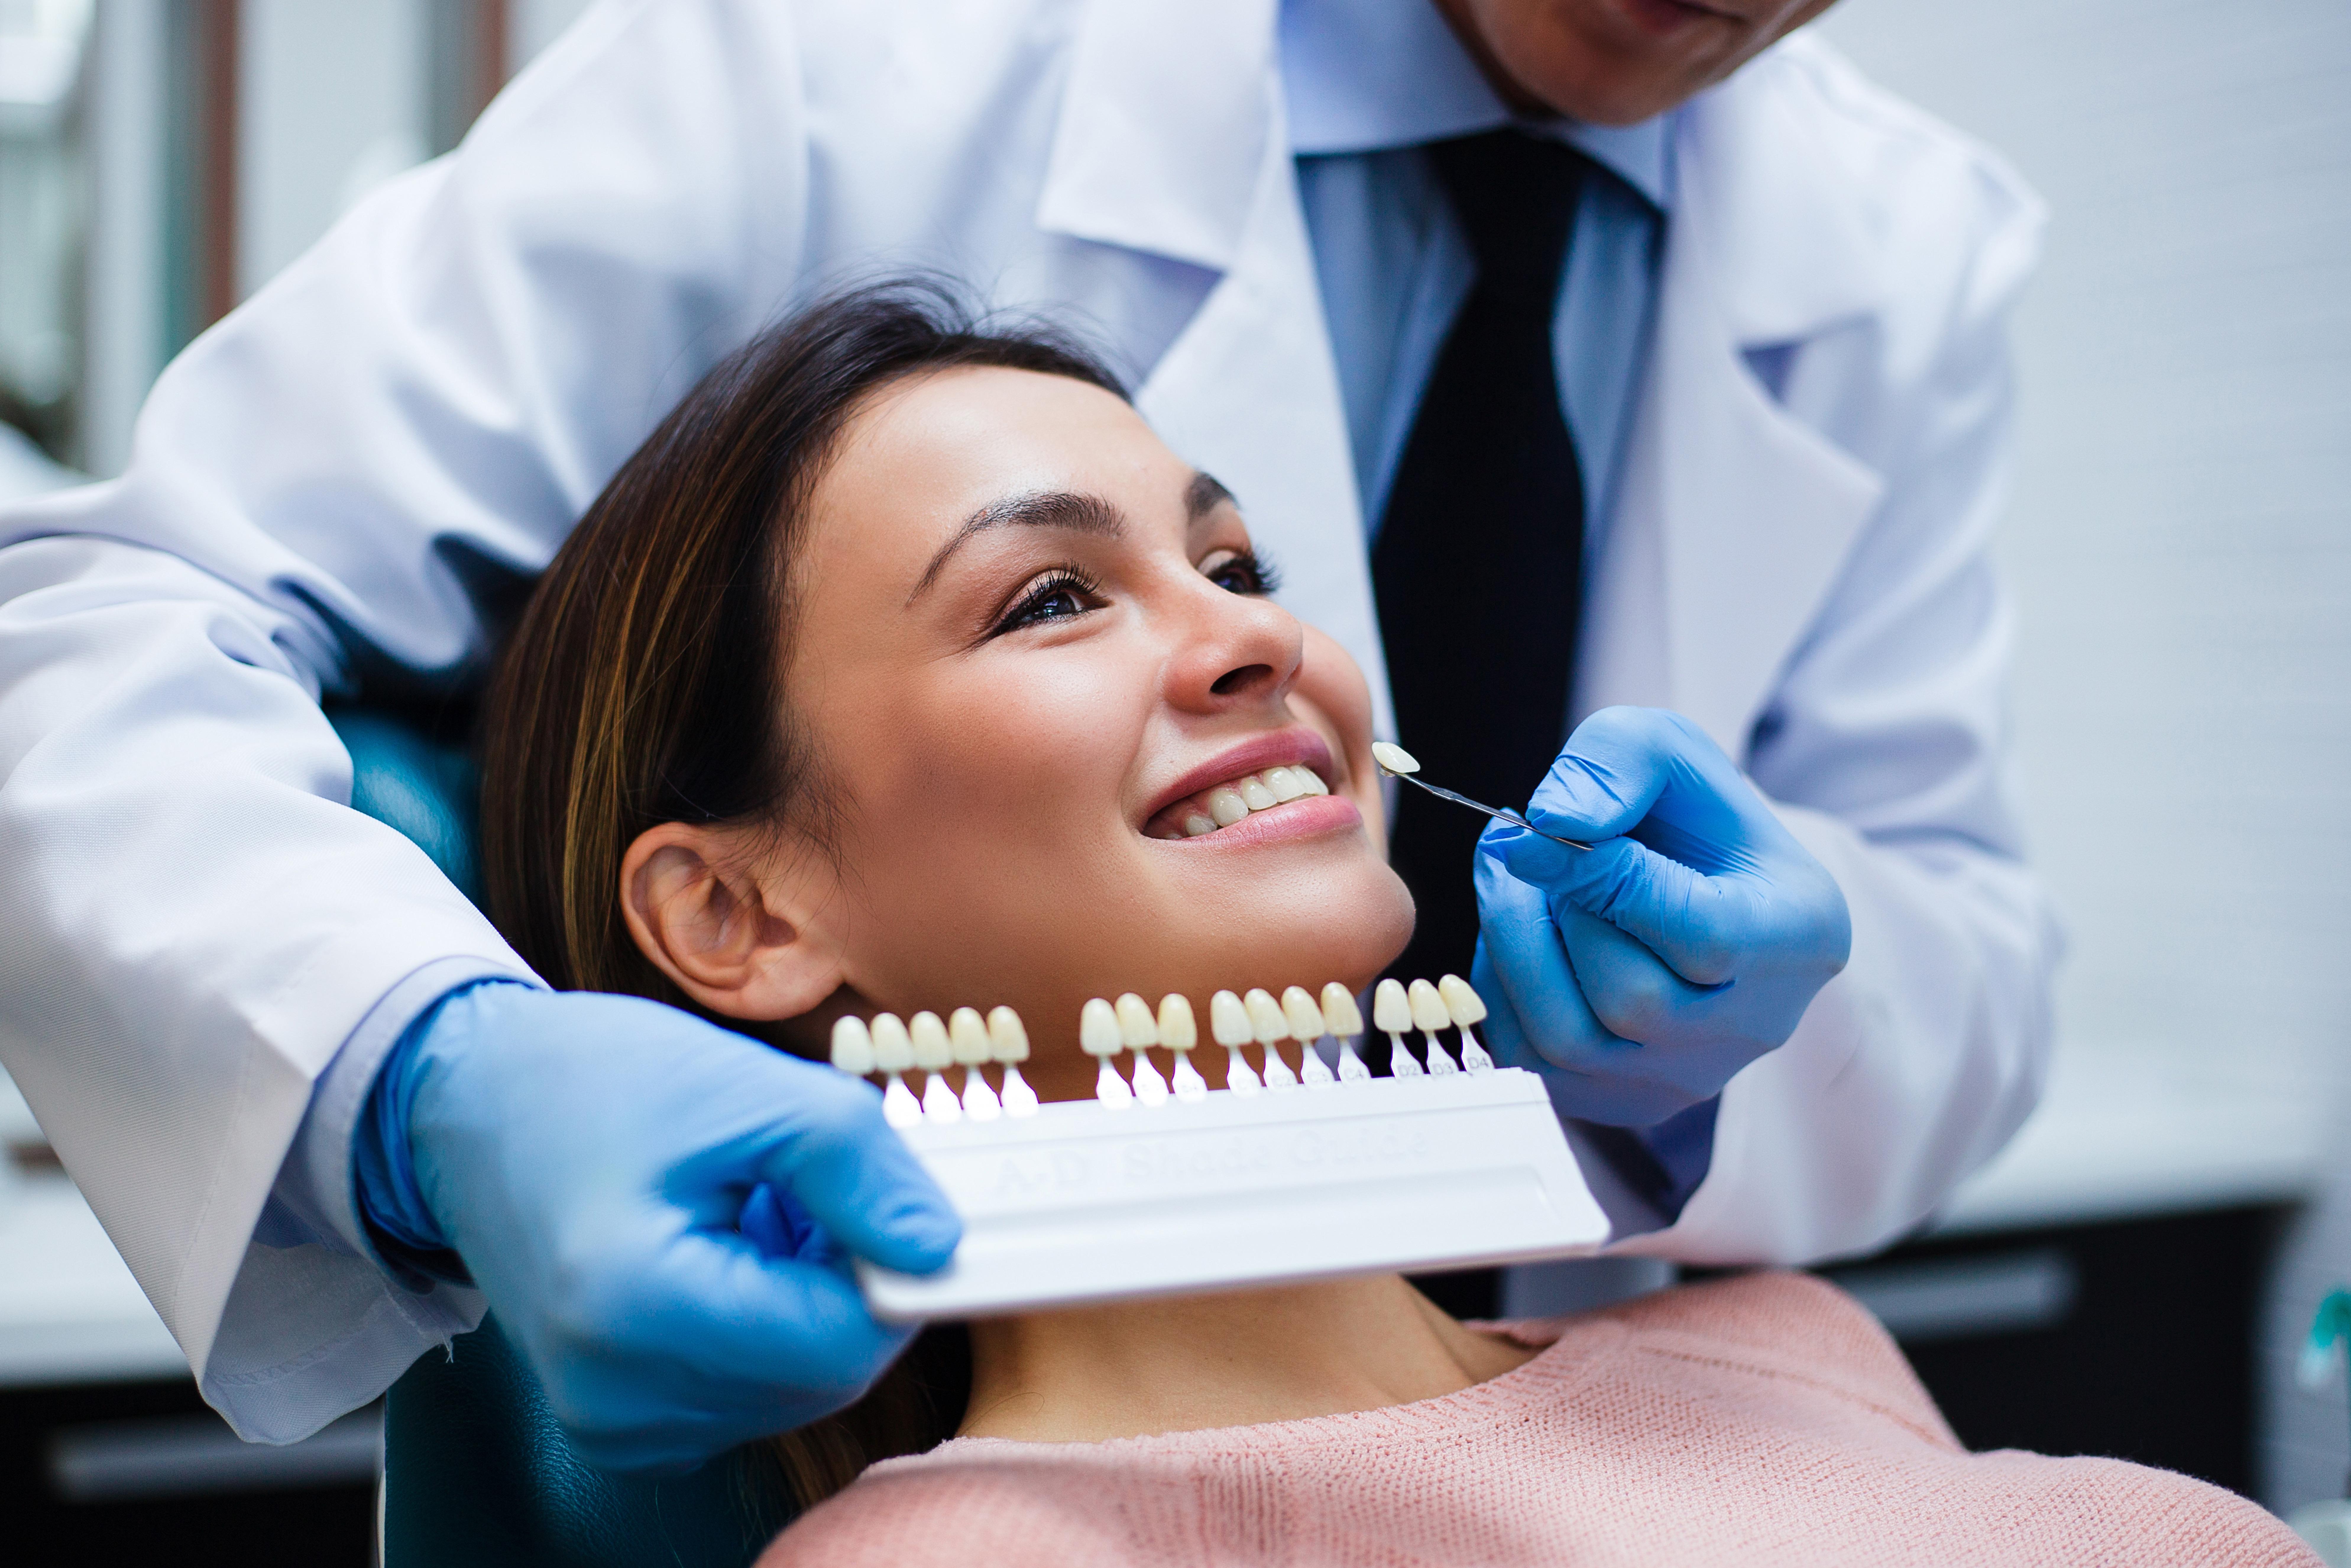 Få et perfekt smil med tannbleking hos anerkjente Minde tannklinikk (1 av 2)